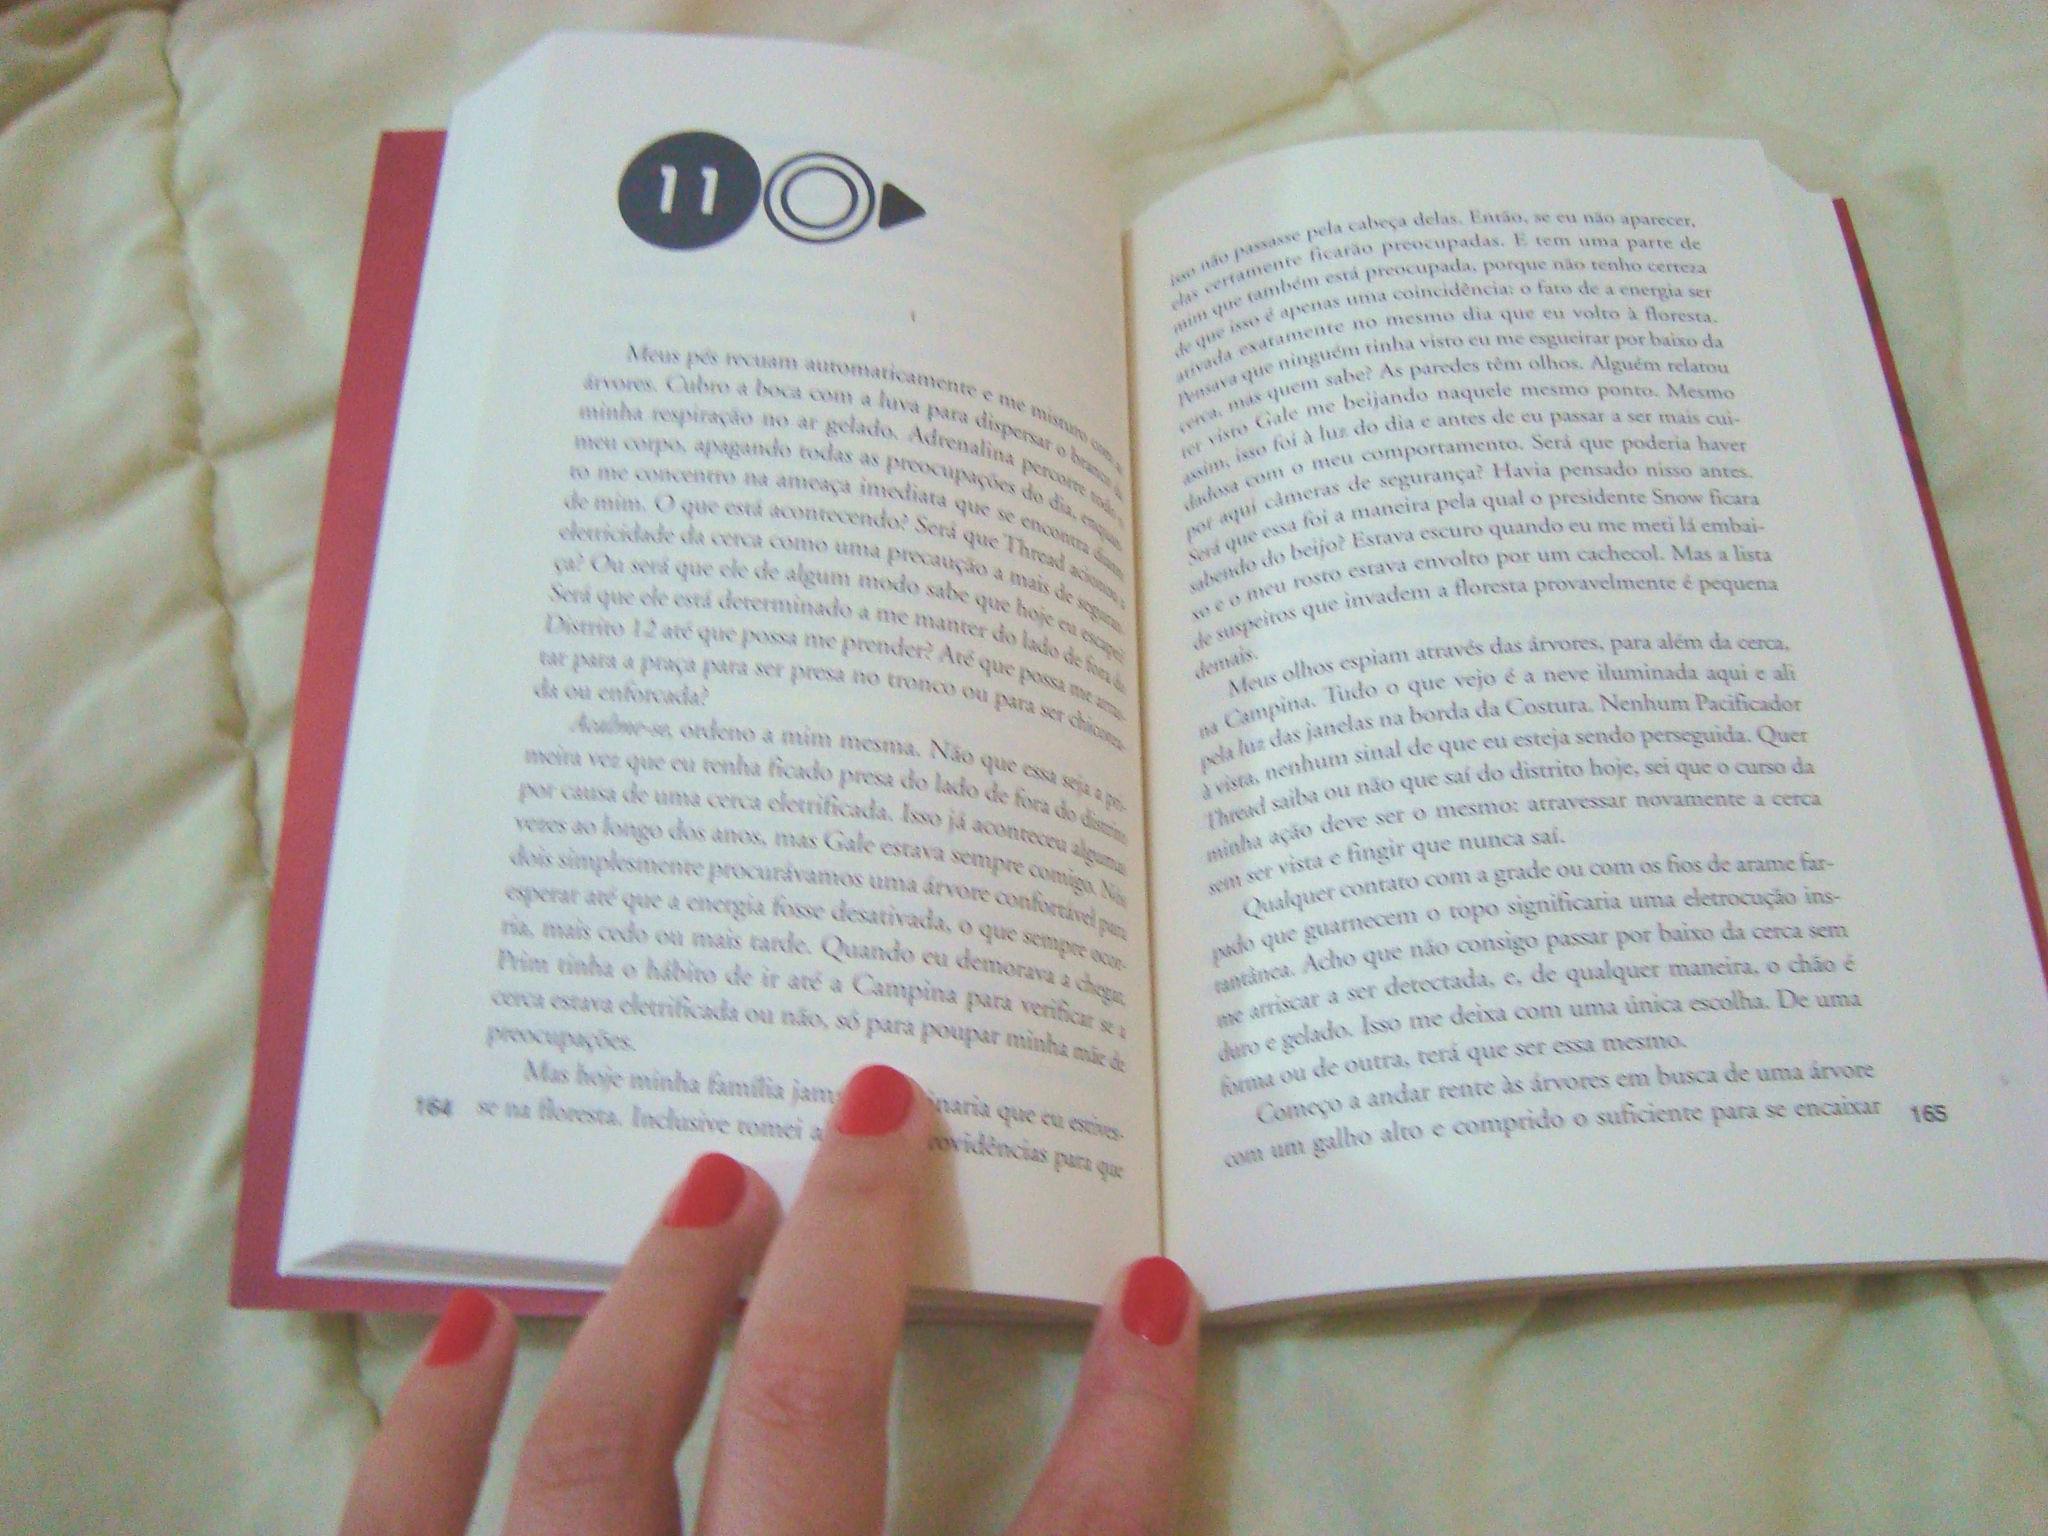 Páginas do livro  Em chamas da série Jogos Vorazes